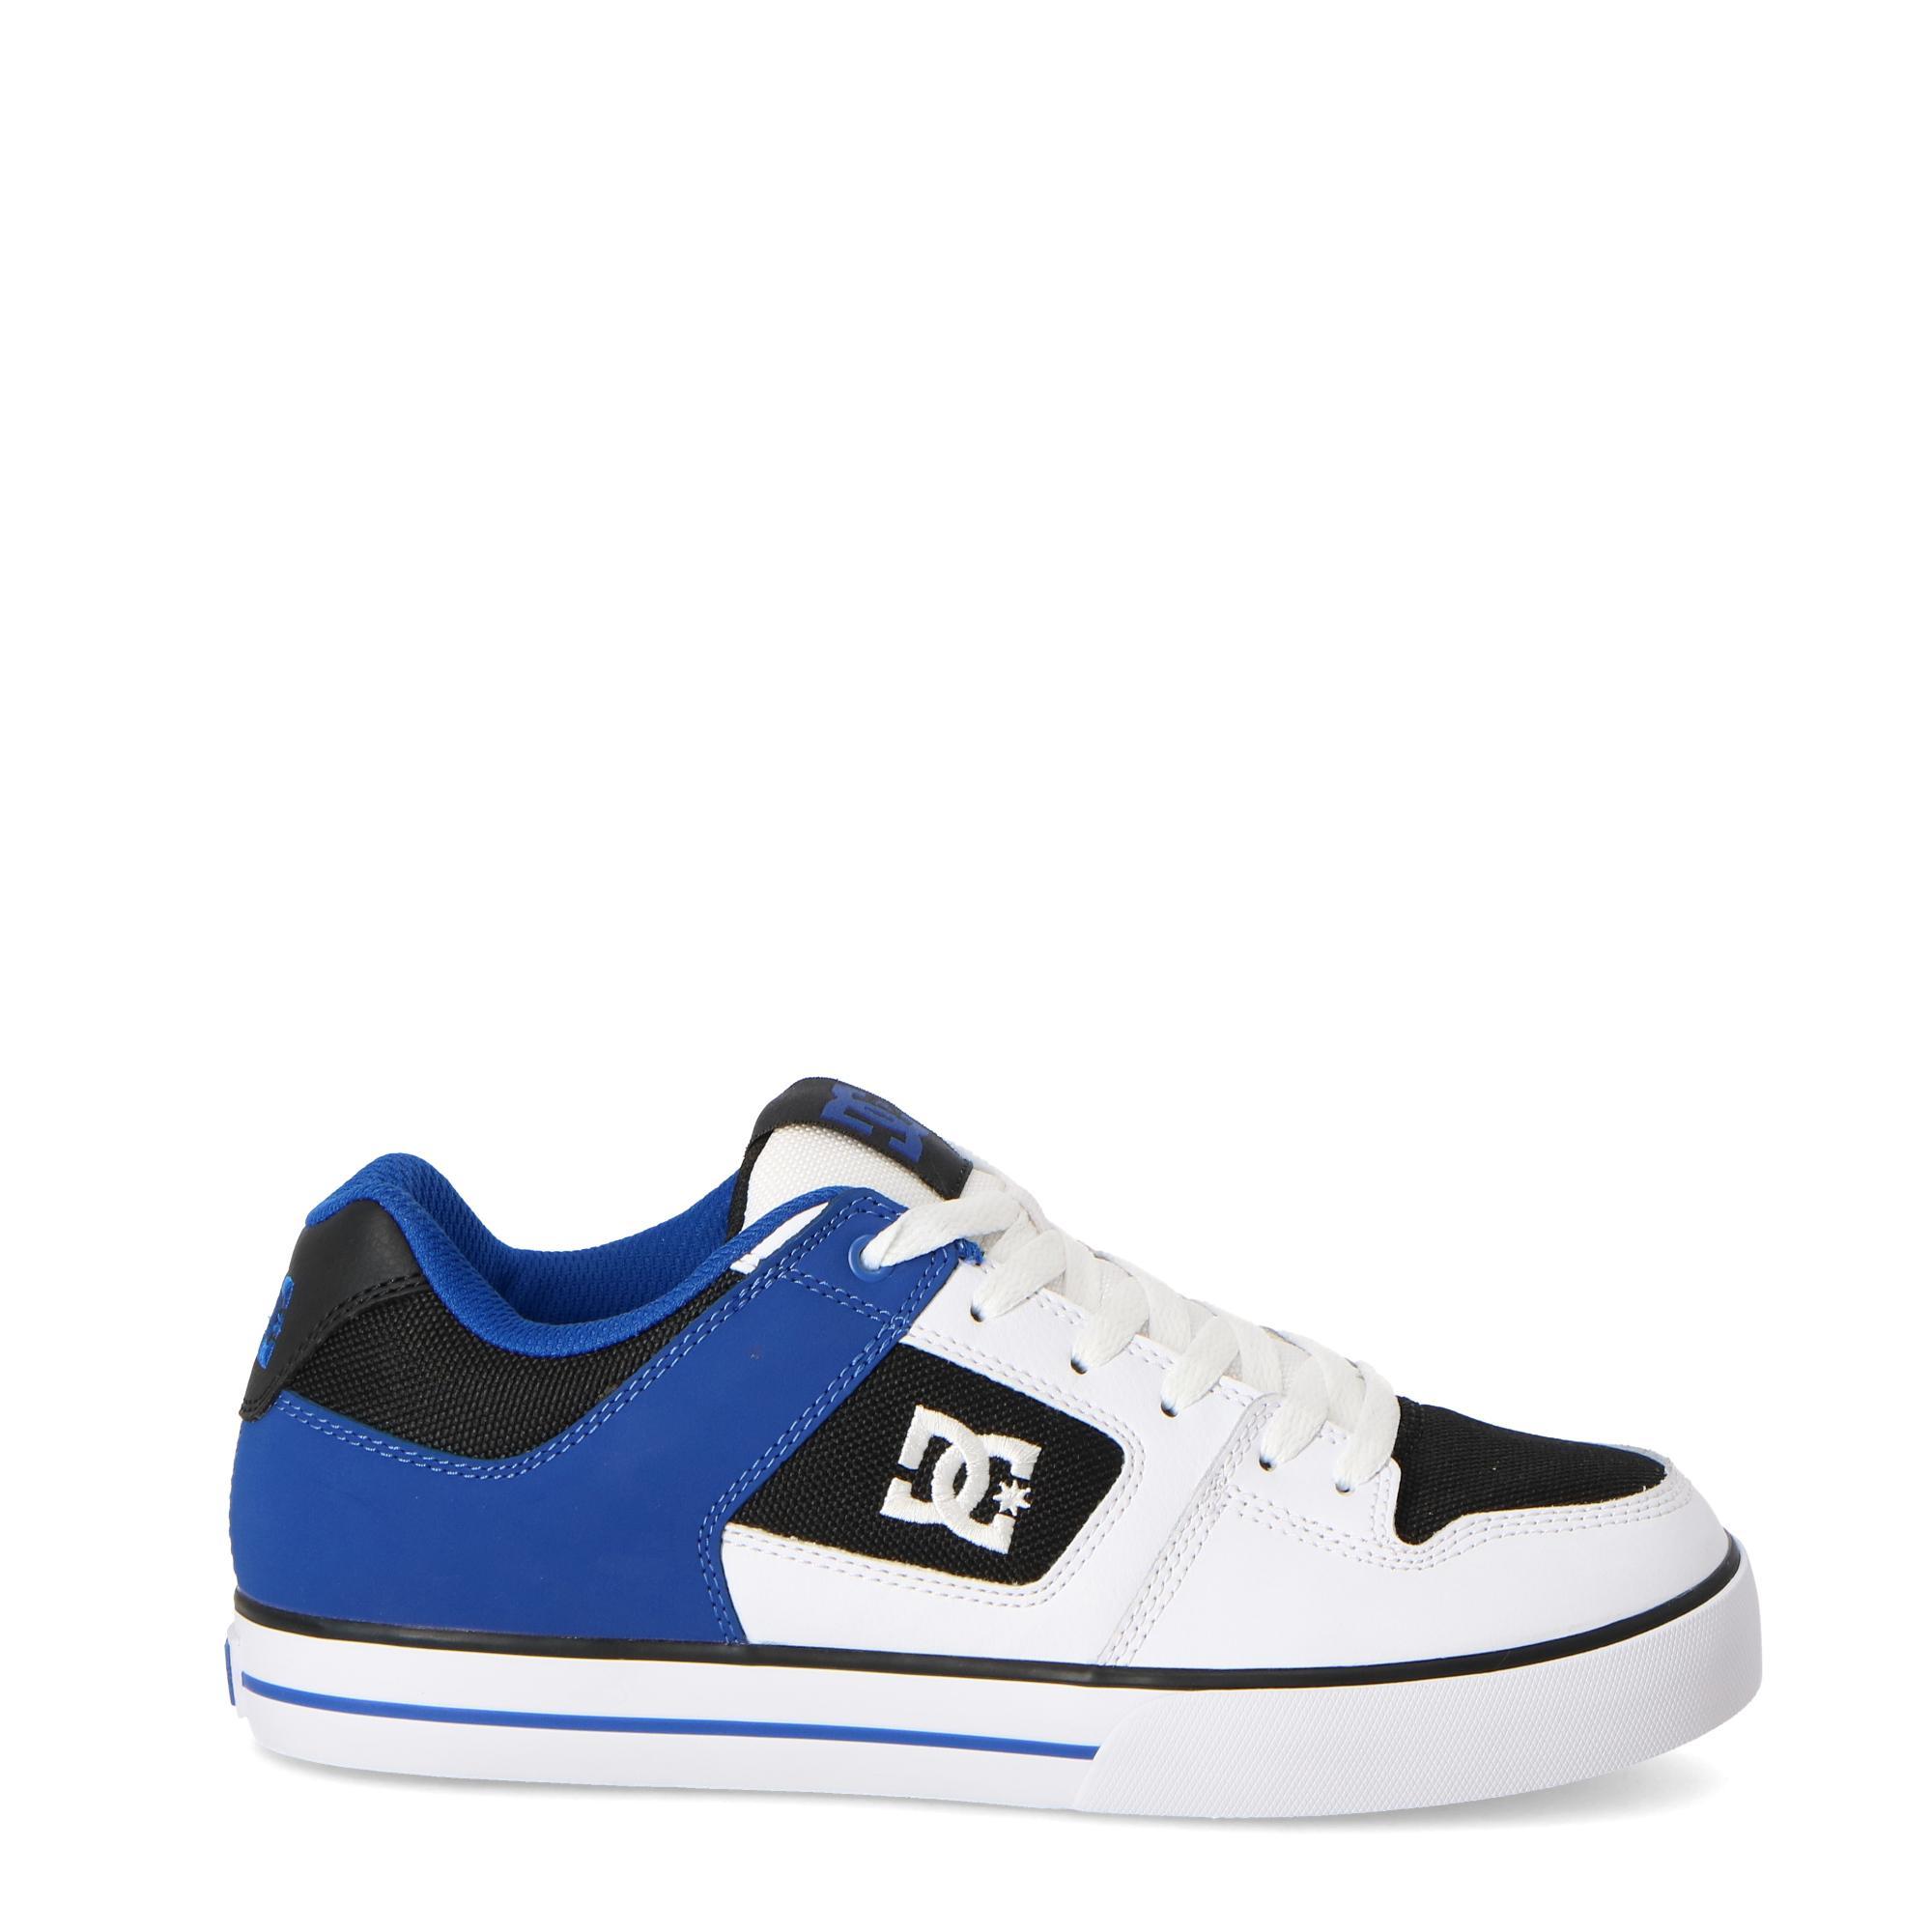 Dc shoes pure white black blue